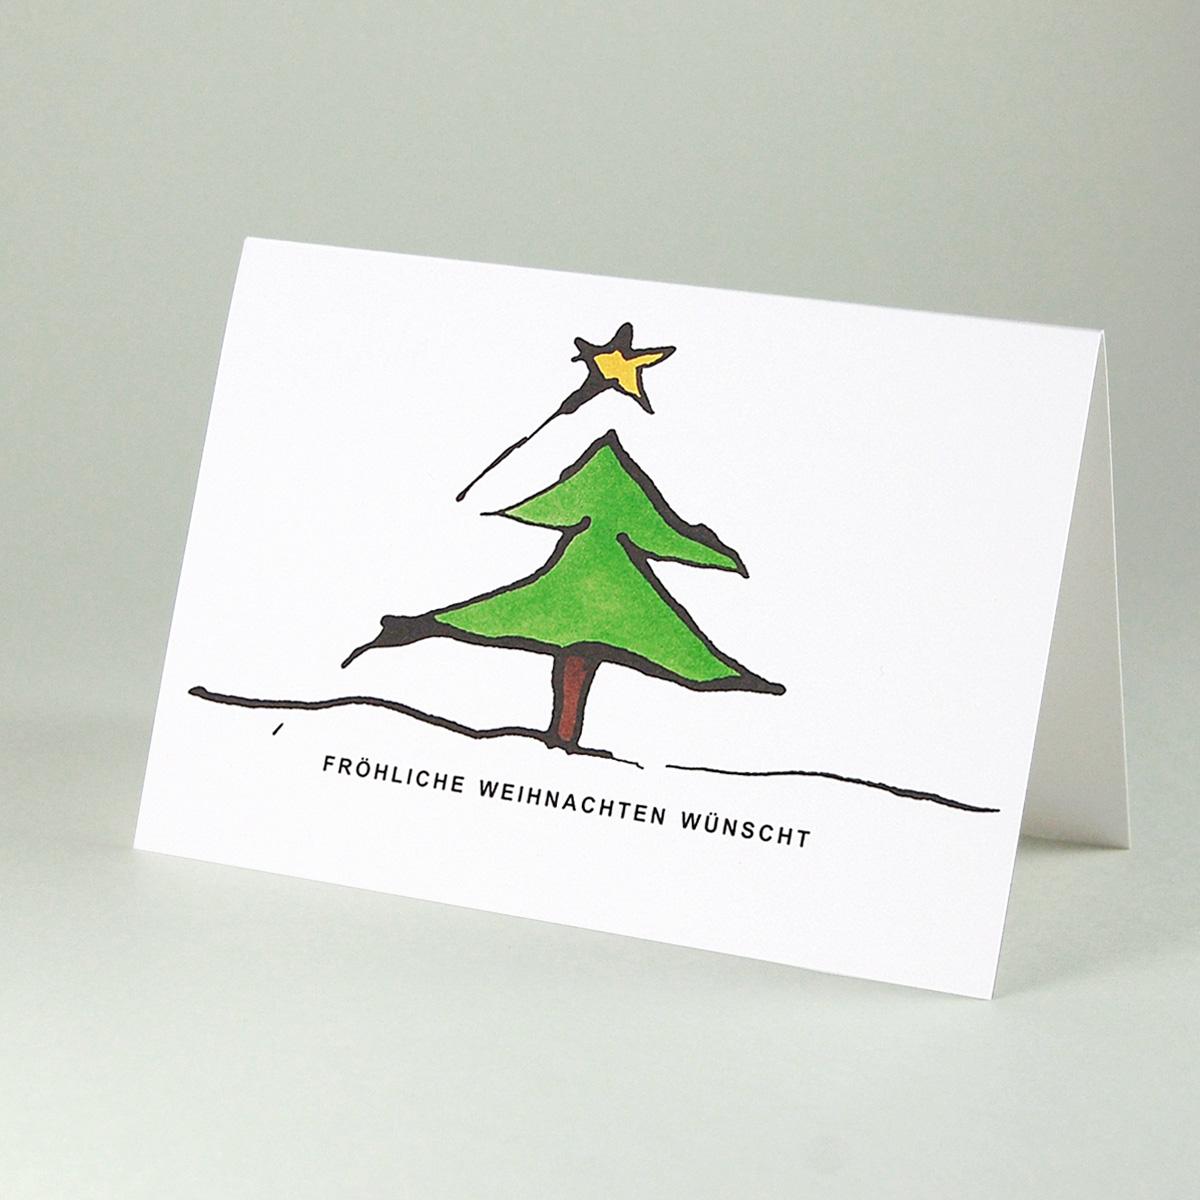 Bedruckte Weihnachtskarten Bestellen.Weihnachtskarten Weihnachtsbaum Mit Schriftzug